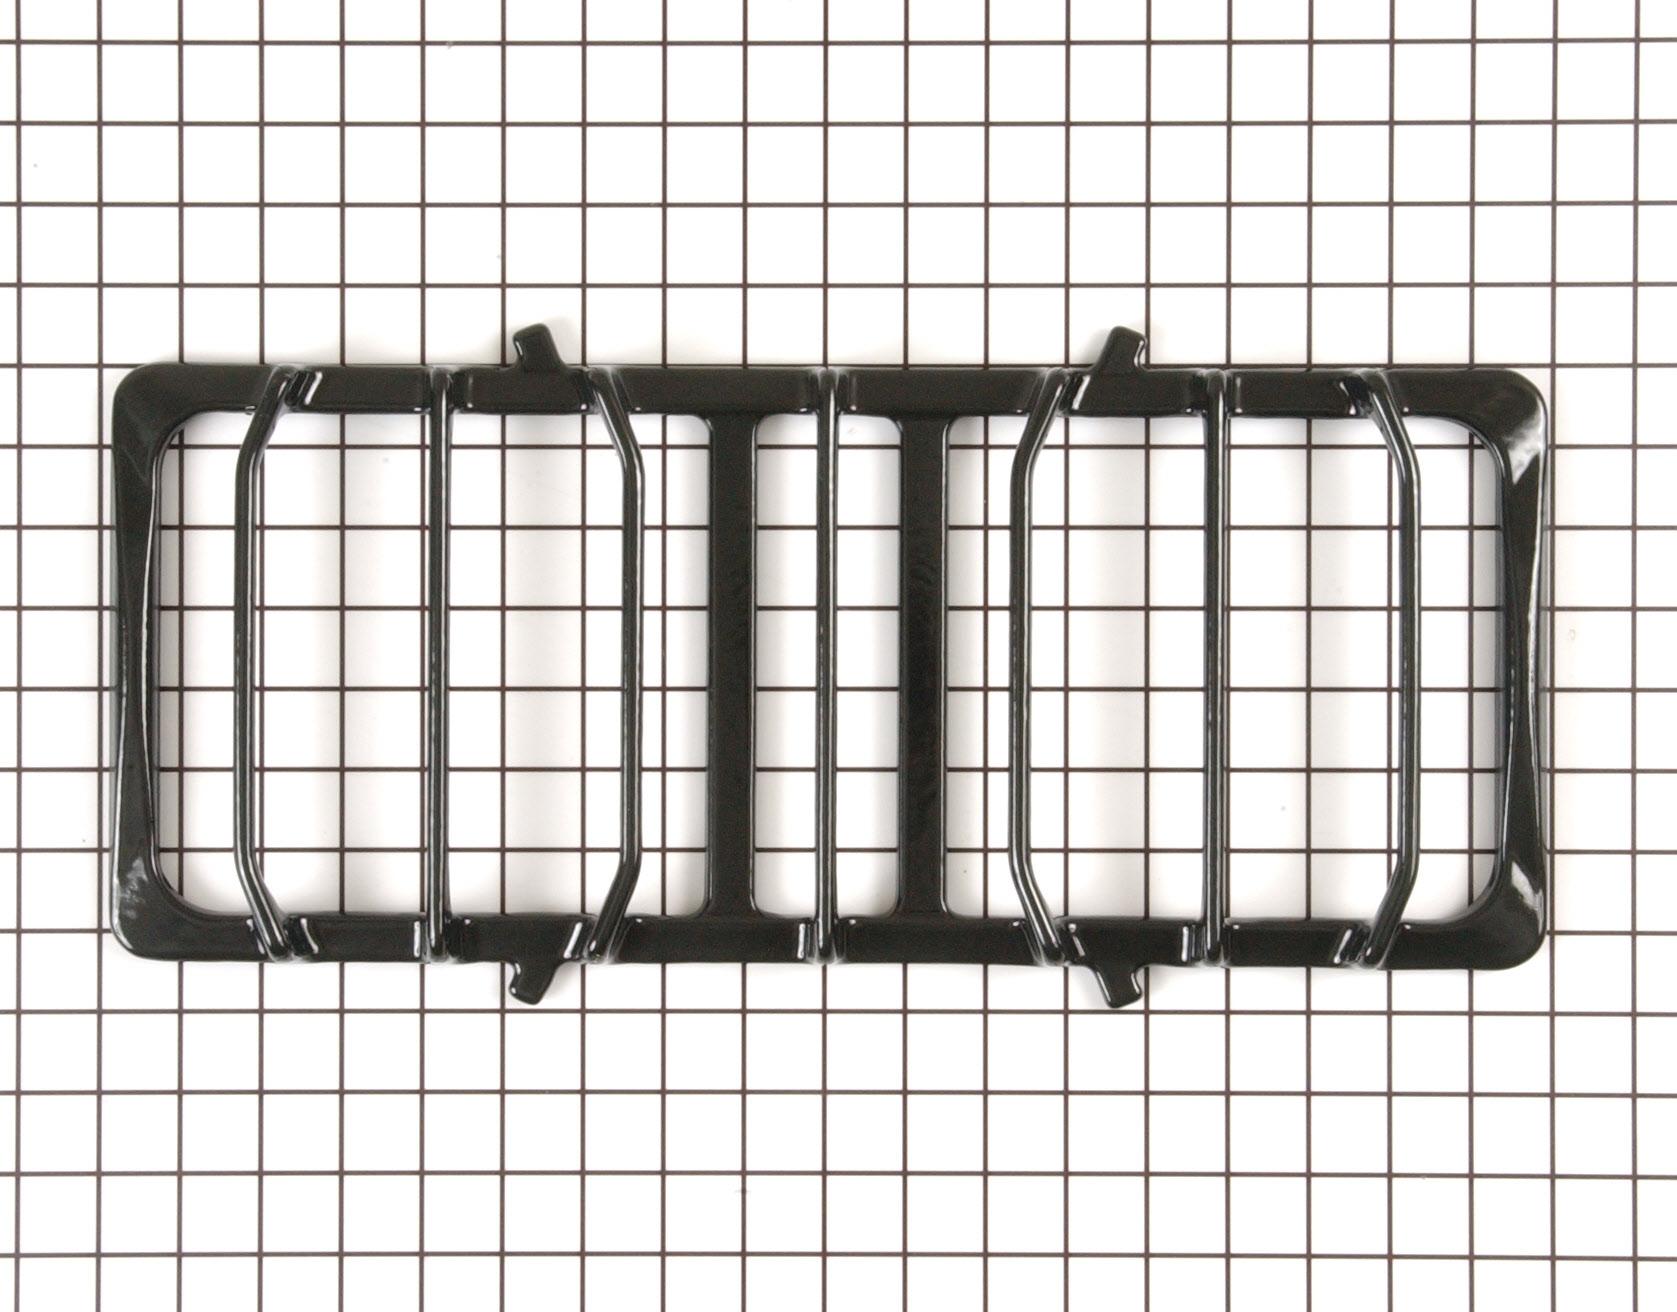 Maytag Range/Stove/Oven Part # WP8522846 - Burner Grate